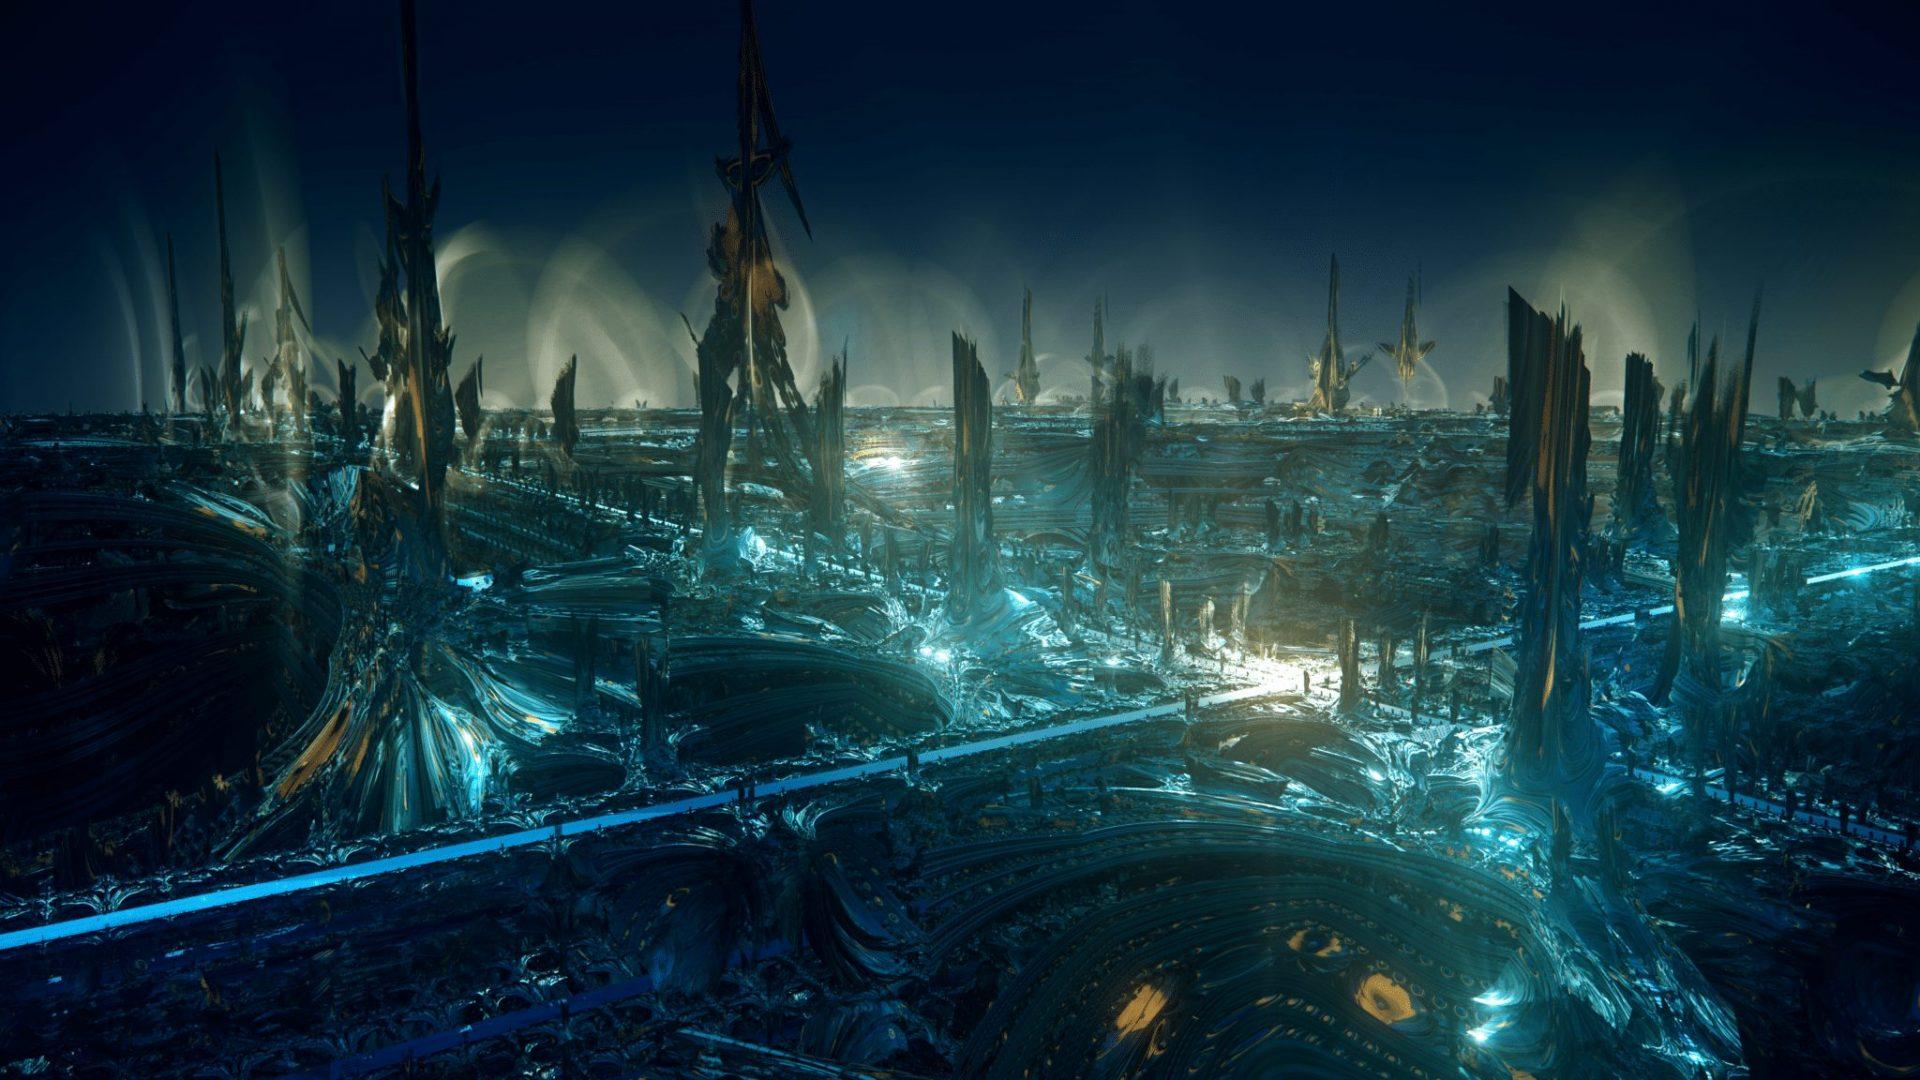 Artista CGI-Cortometrajes CGI-Diseño de efectos visuales-Julius Horsthuis